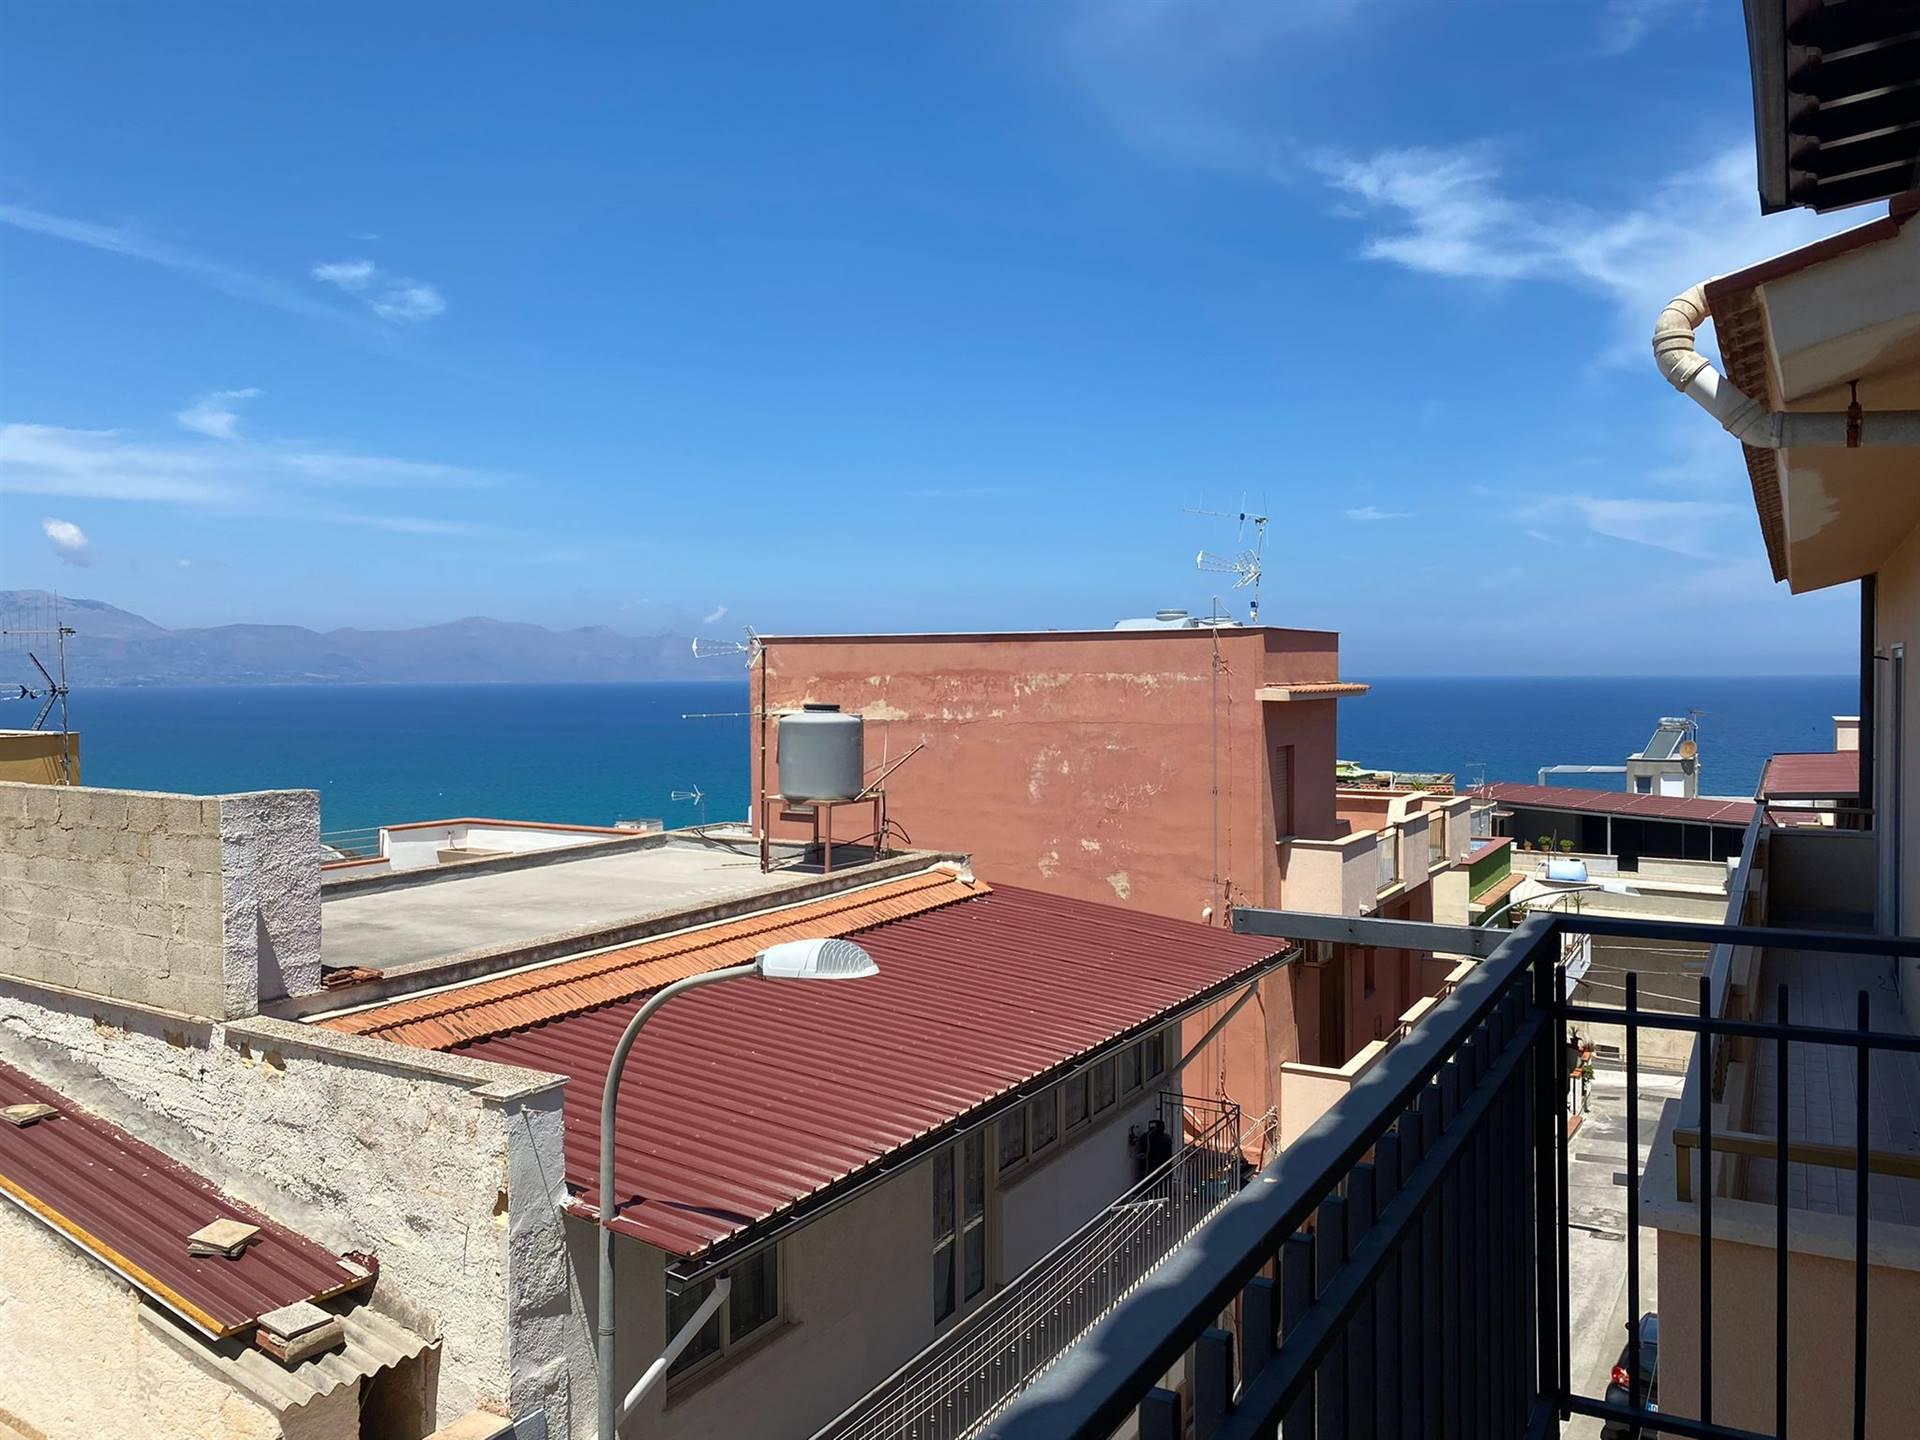 Appartamento in vendita a Balestrate, 3 locali, zona Località: BALESTRATE, prezzo € 75.000 | PortaleAgenzieImmobiliari.it